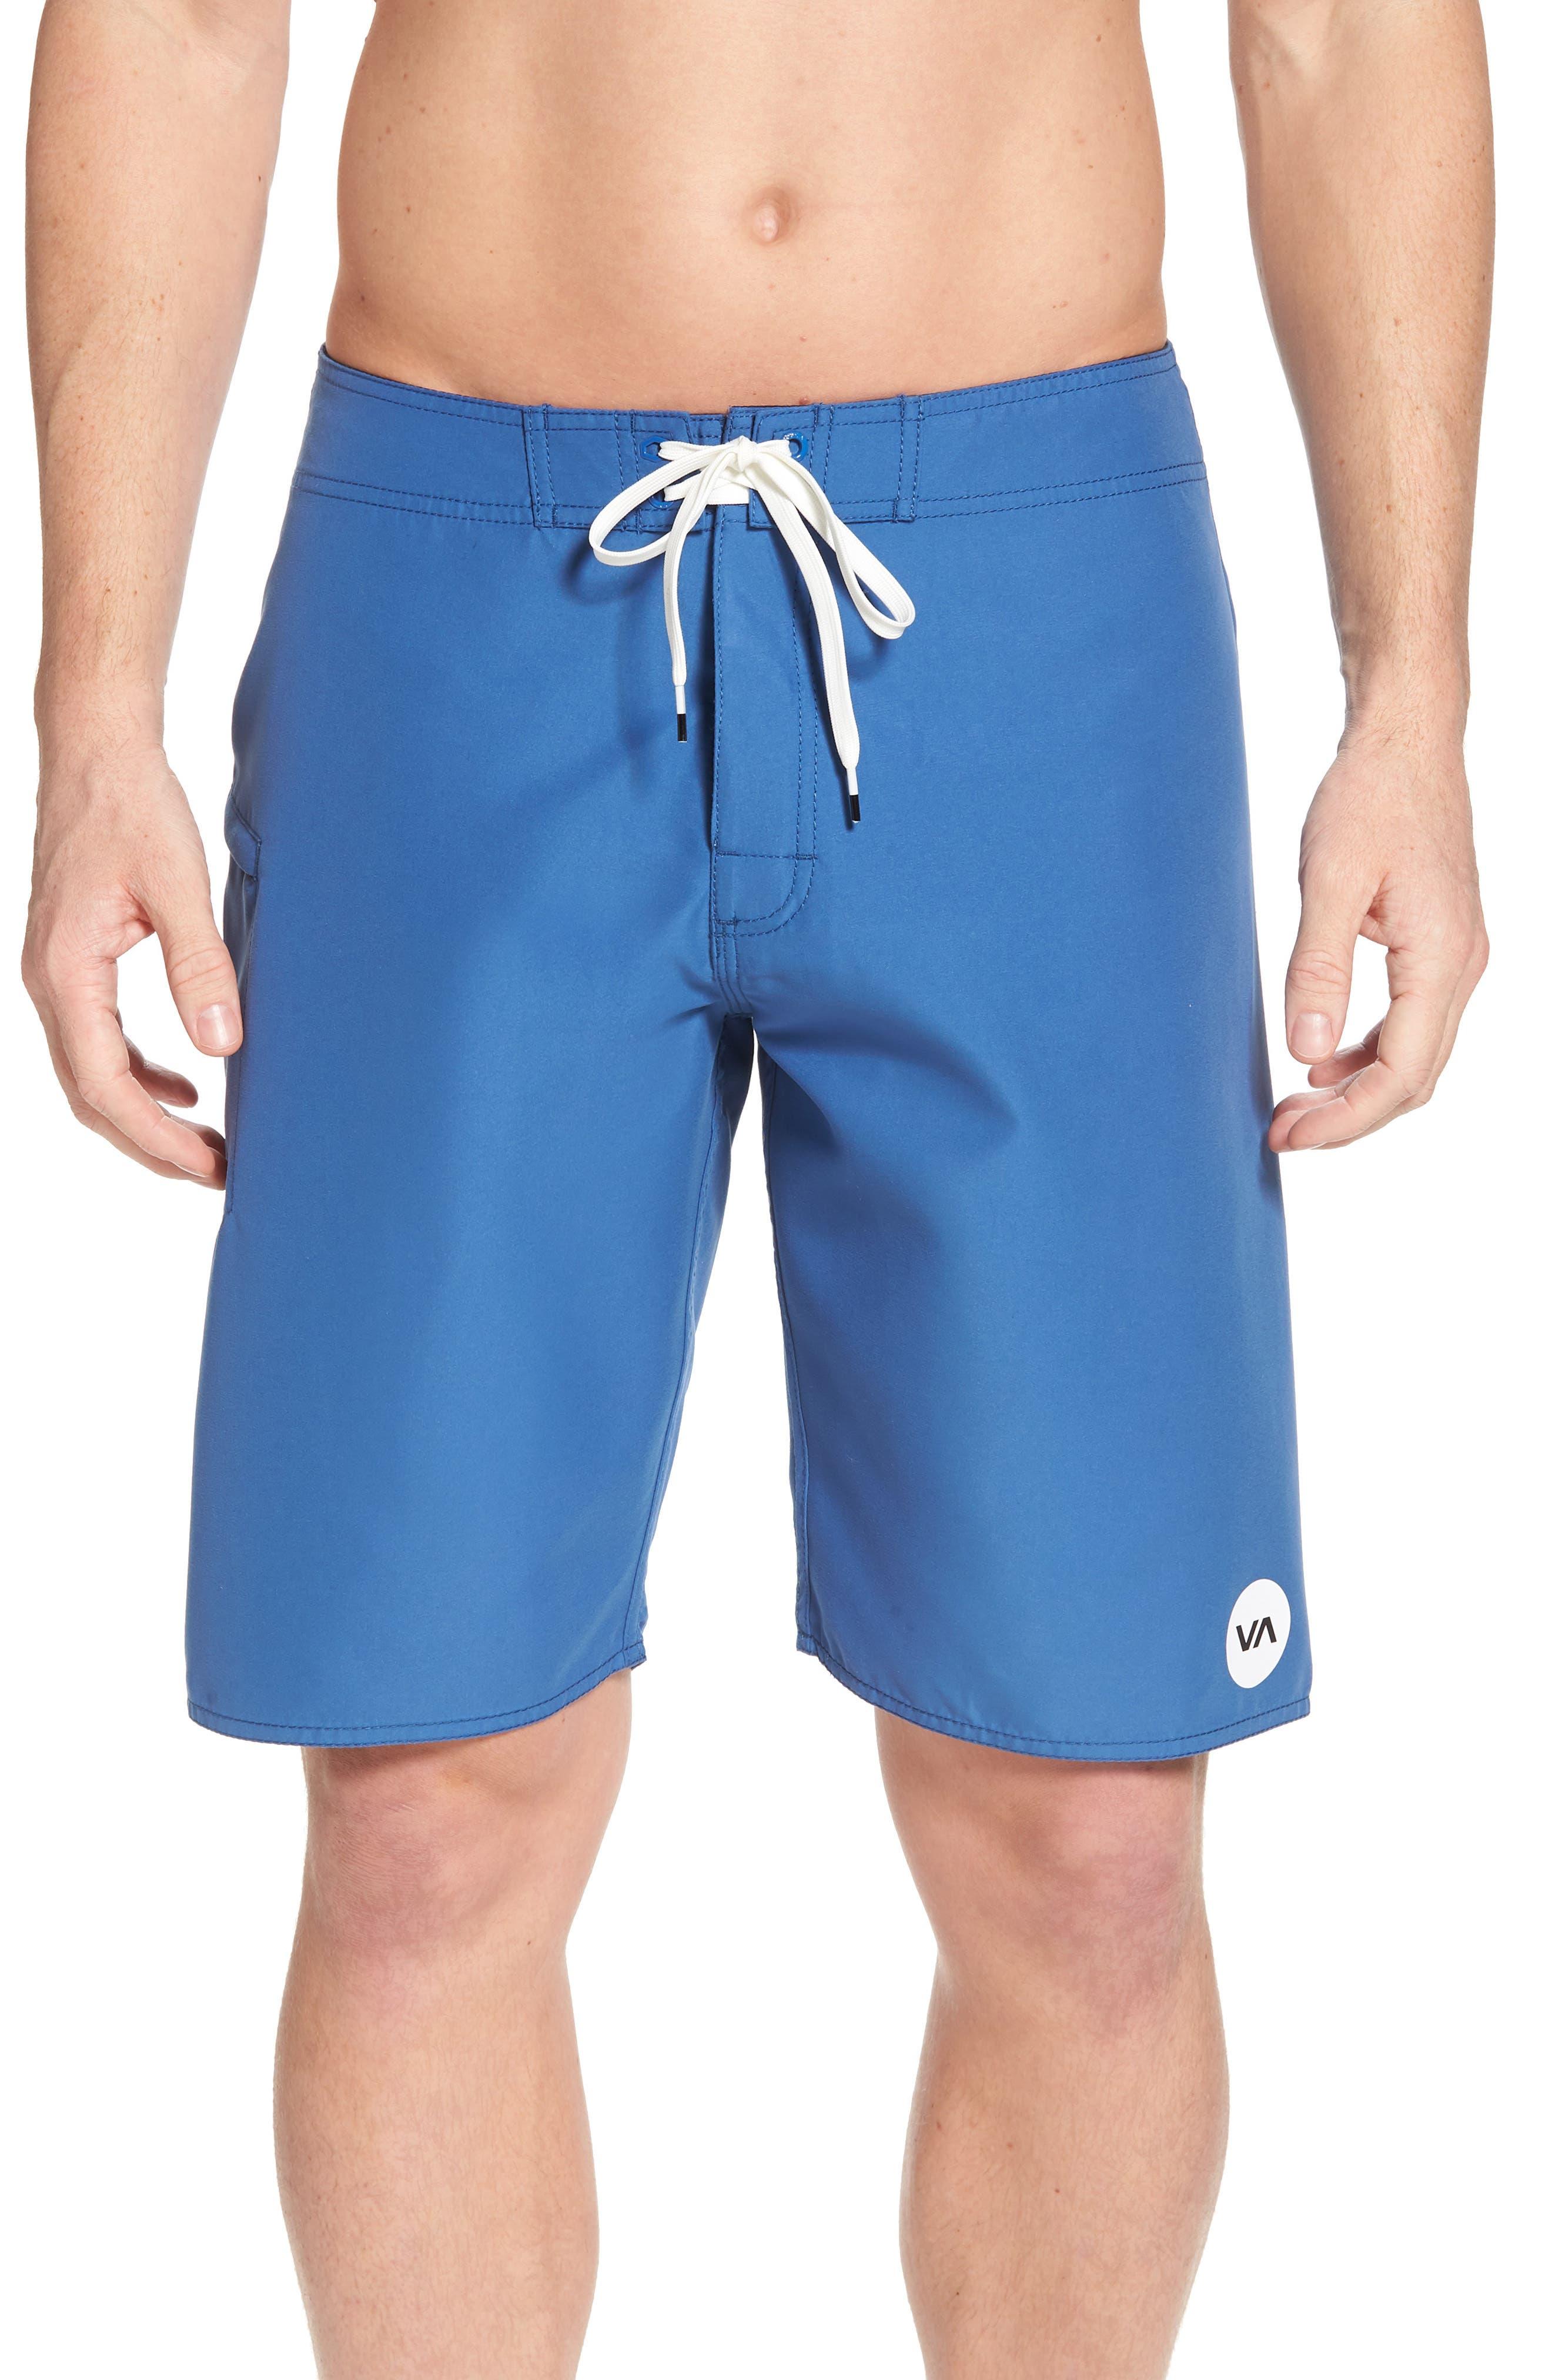 Upper Board Shorts,                             Main thumbnail 1, color,                             451